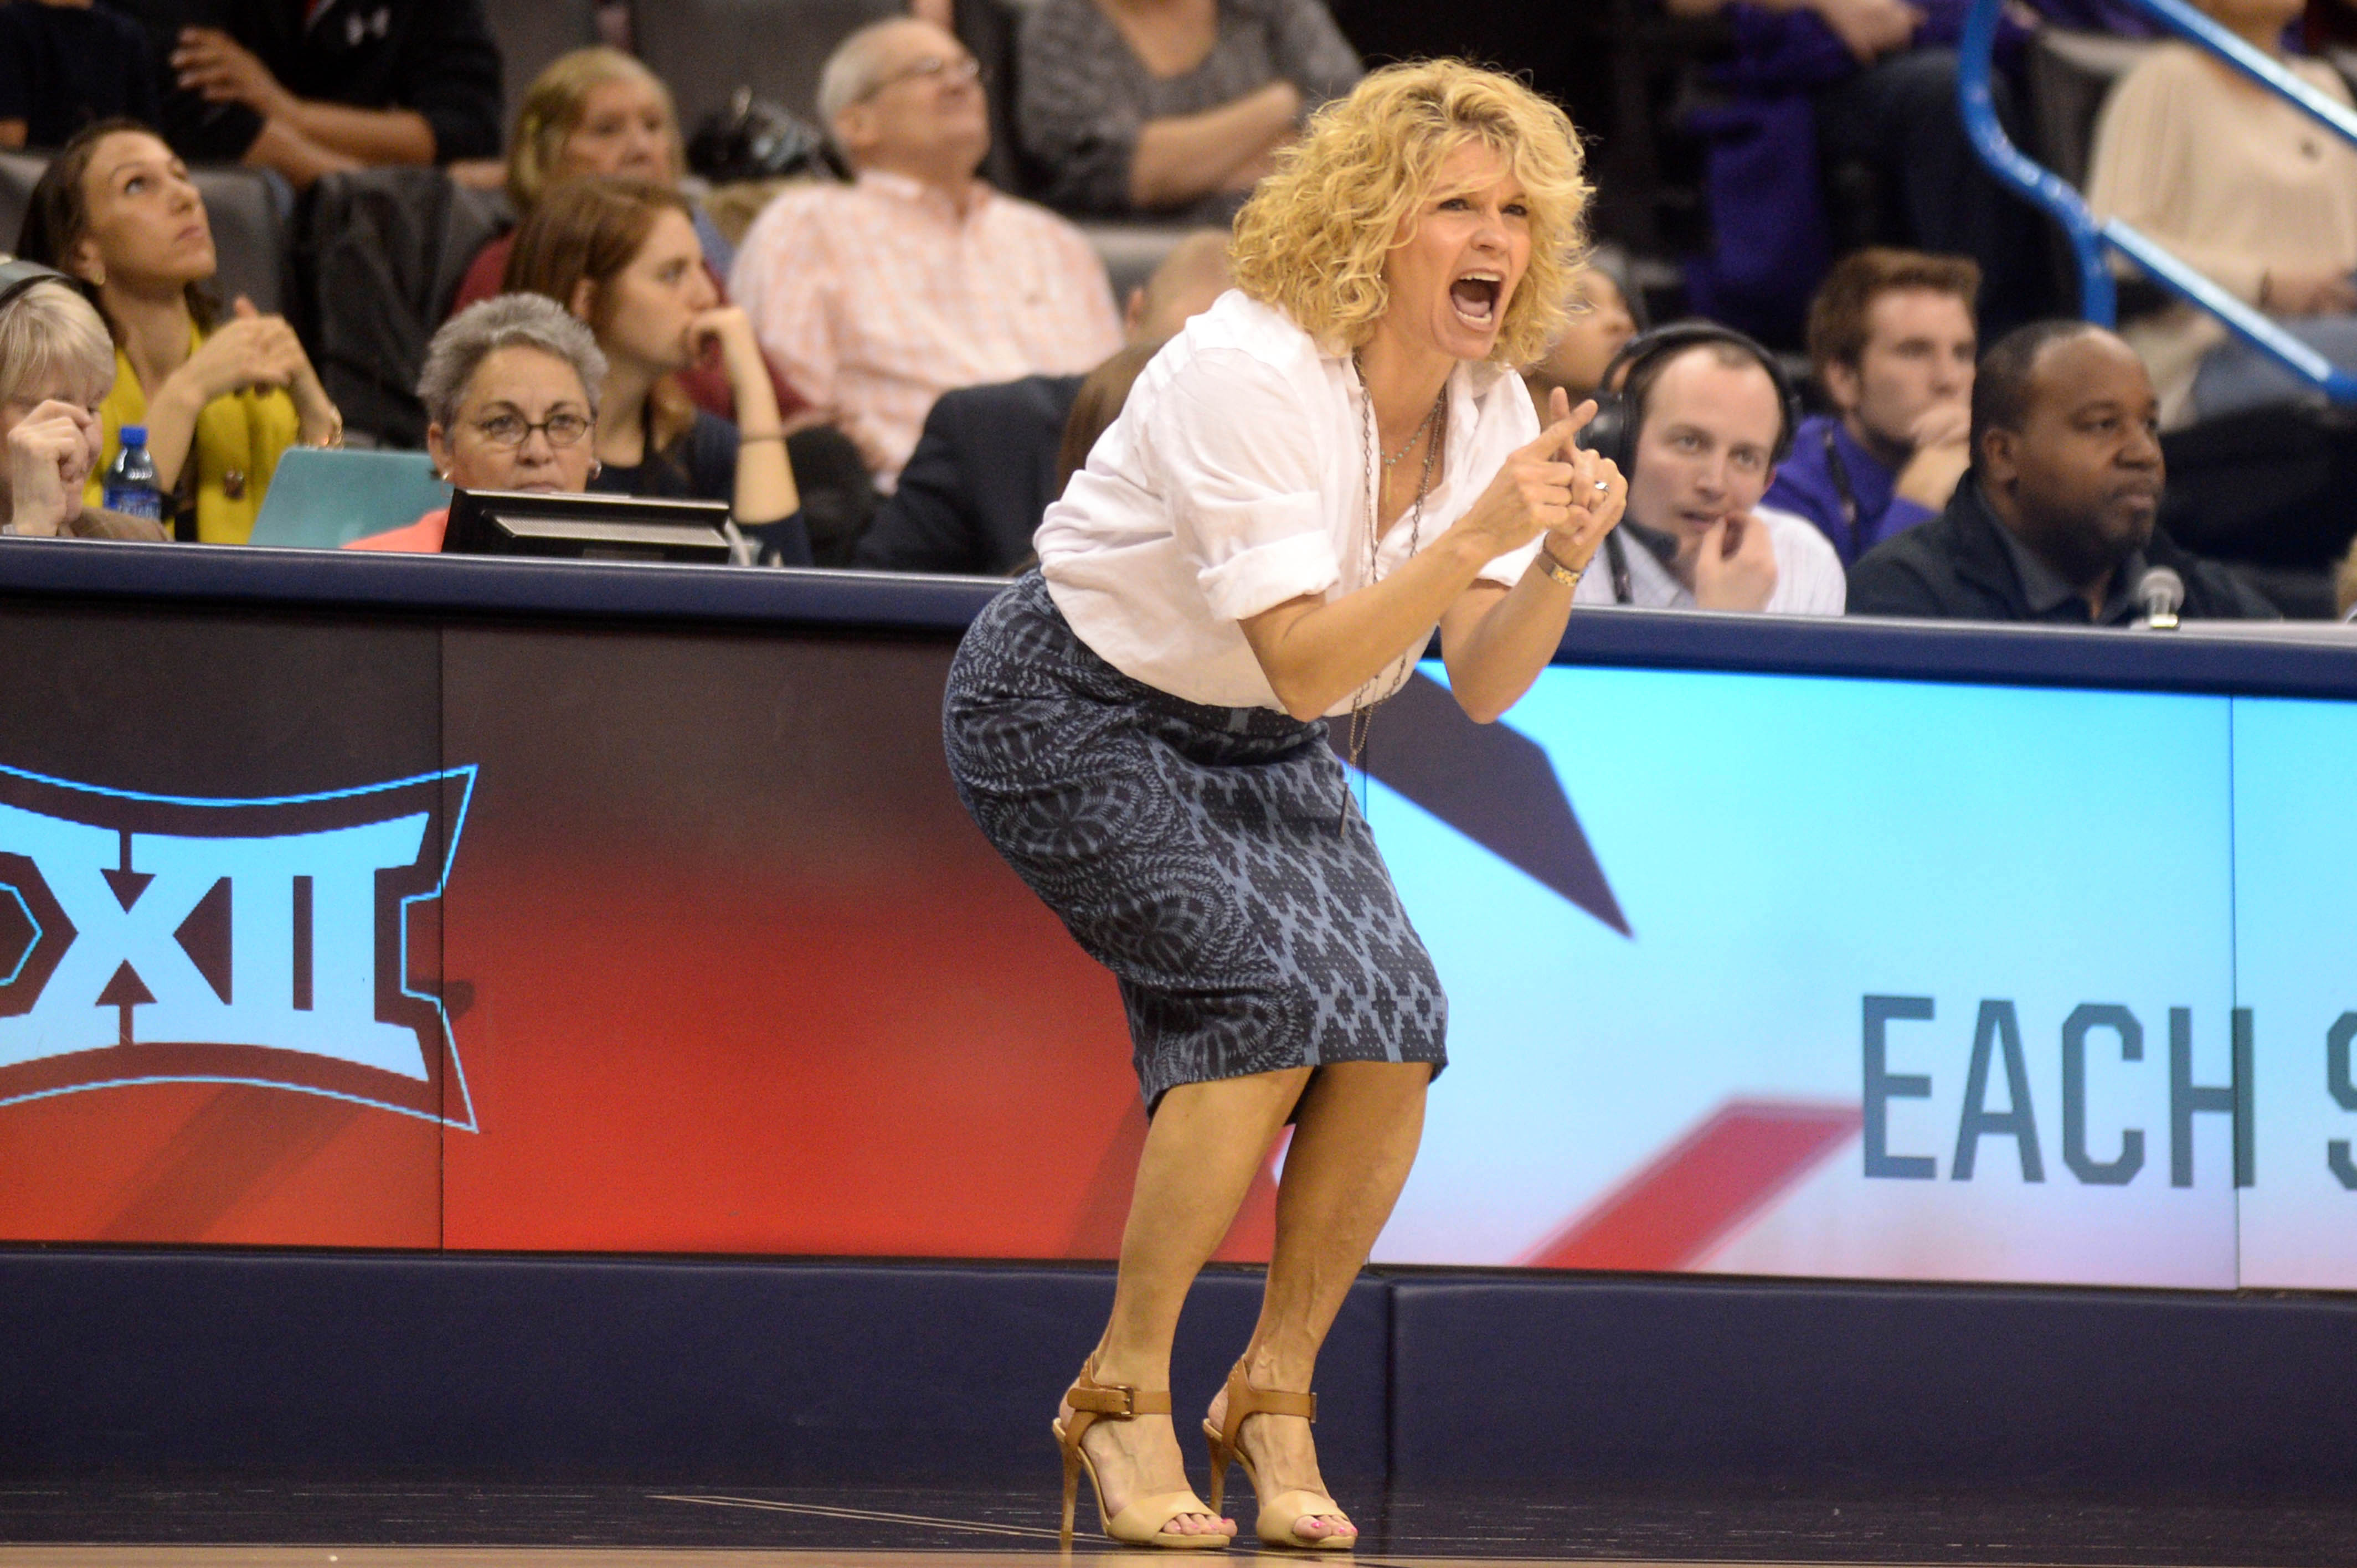 NCAA Womens Basketball: Big 12 Conference Tournament-Baylor vs Oklahoma